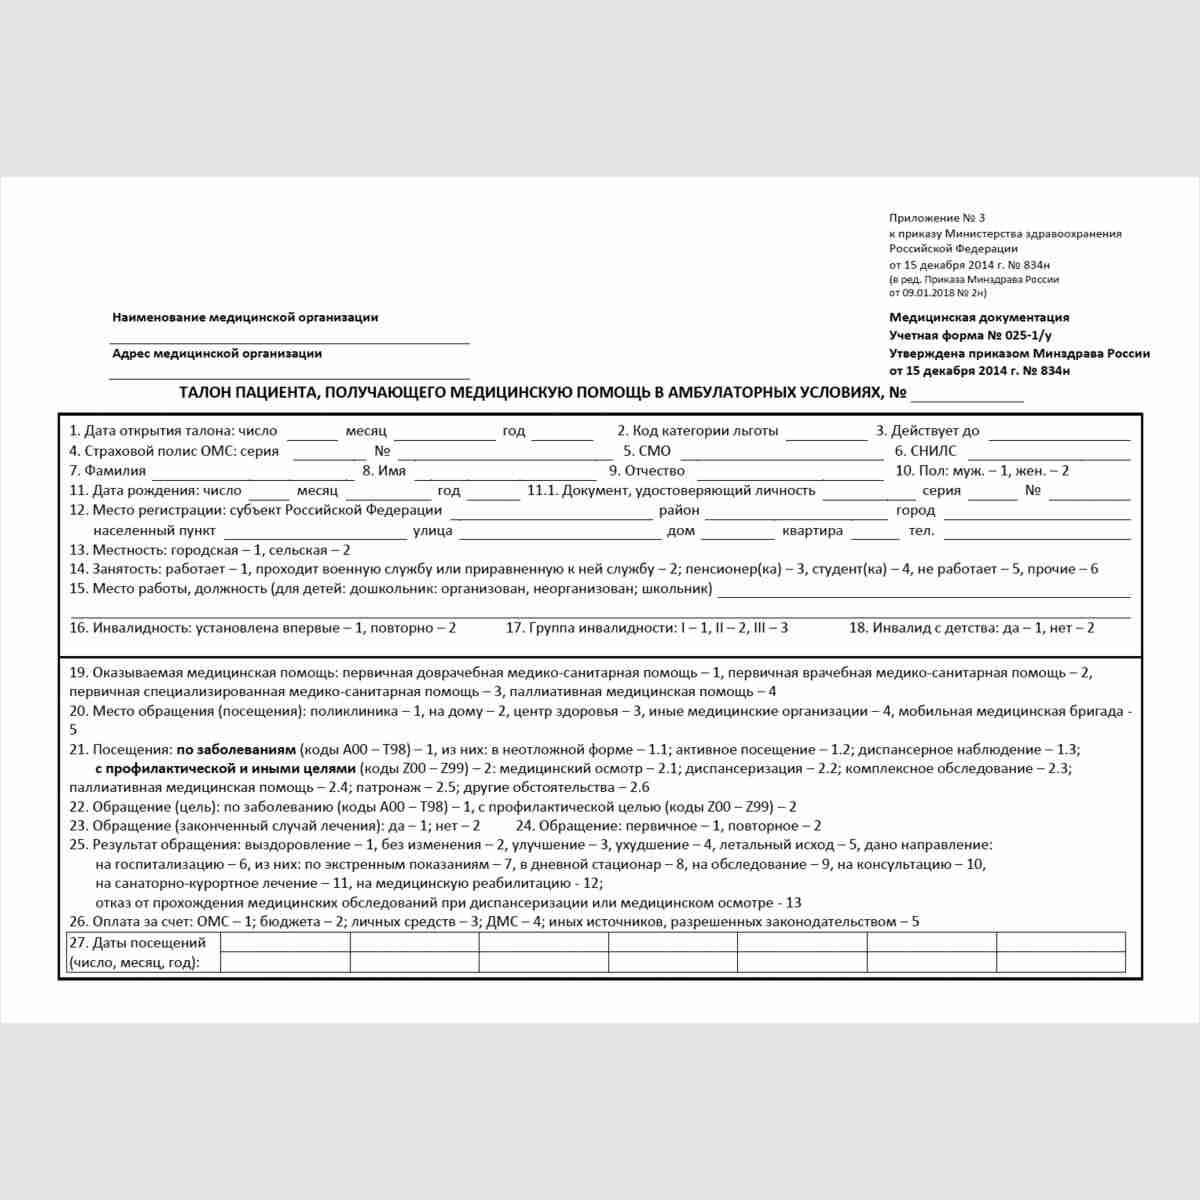 """Учетная форма №025-1/у """"Талон пациента, получающего медицинскую помощь в амбулаторных условиях"""". Лицевая сторона."""